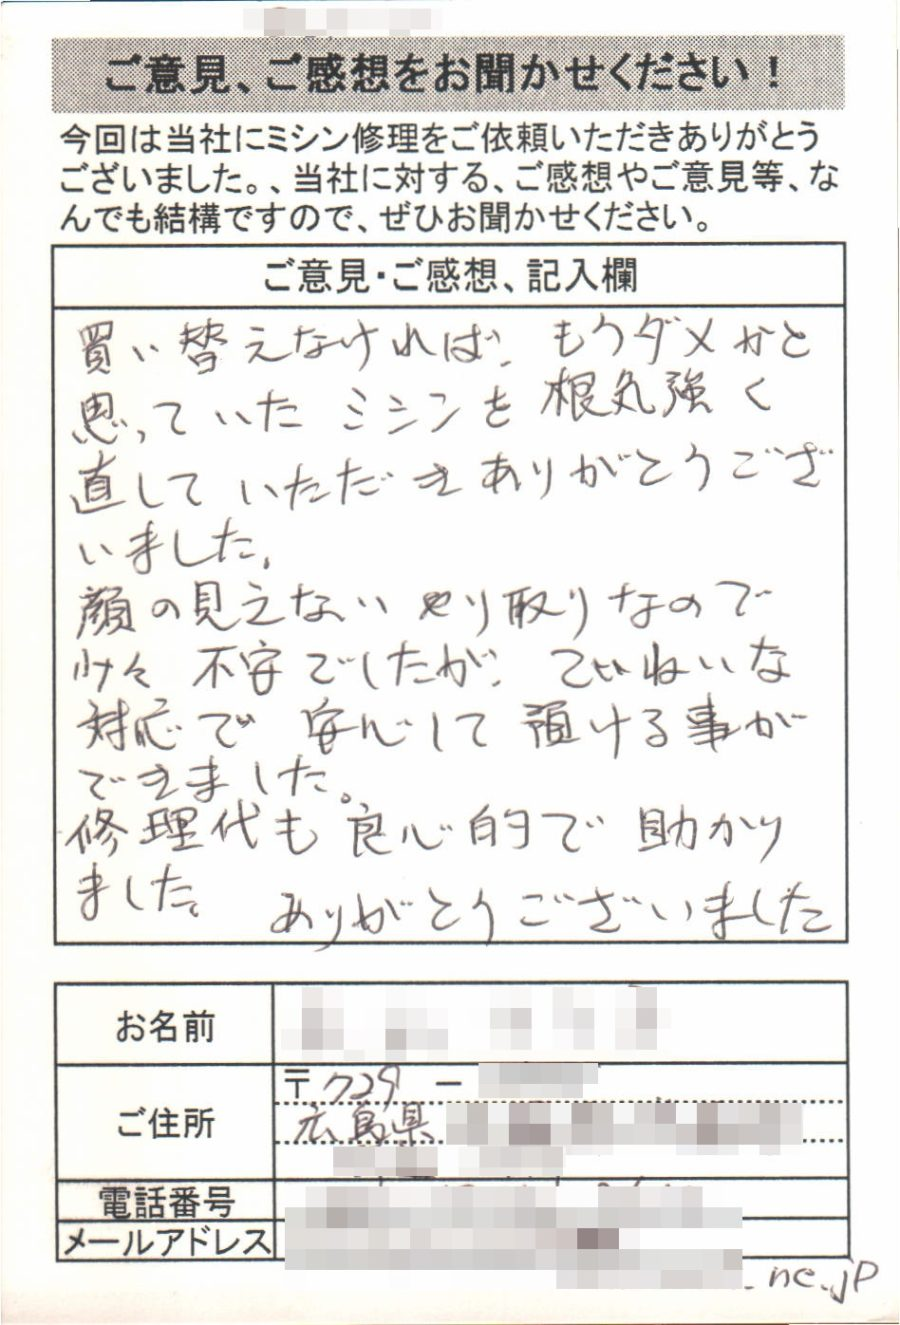 広島県からミシン修理のお客様の声